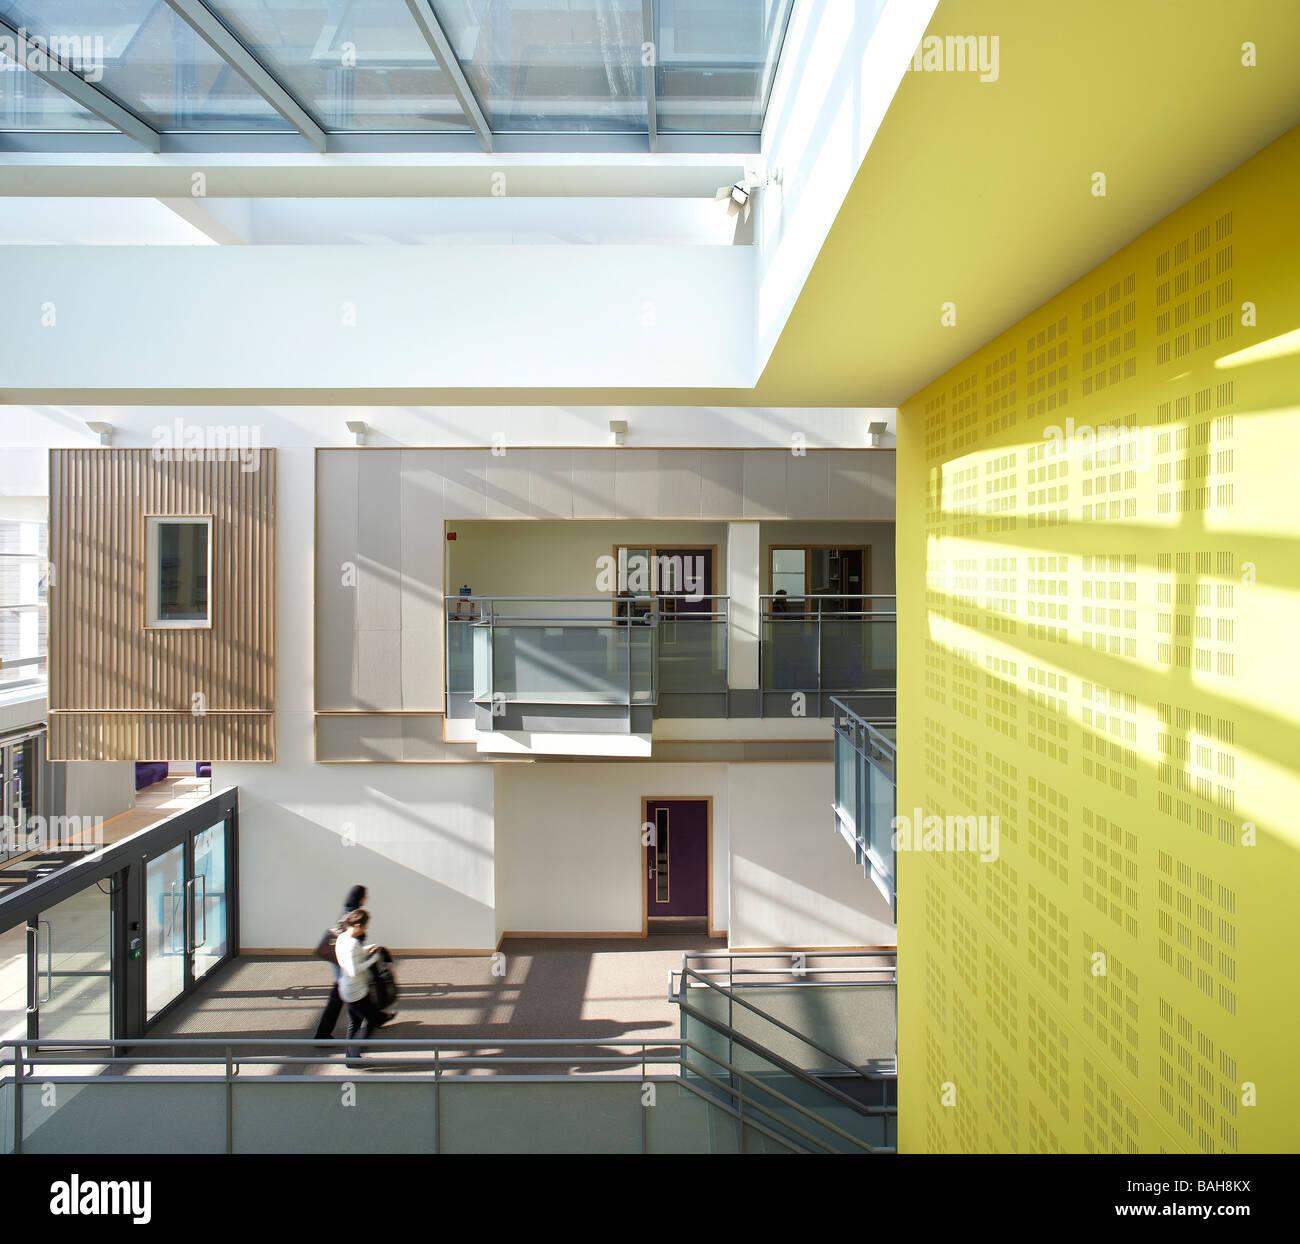 Academia de Paddington, en Londres, Reino Unido, Feilden Clegg Bradley Arquitectos, Paddington Academy. Imagen De Stock